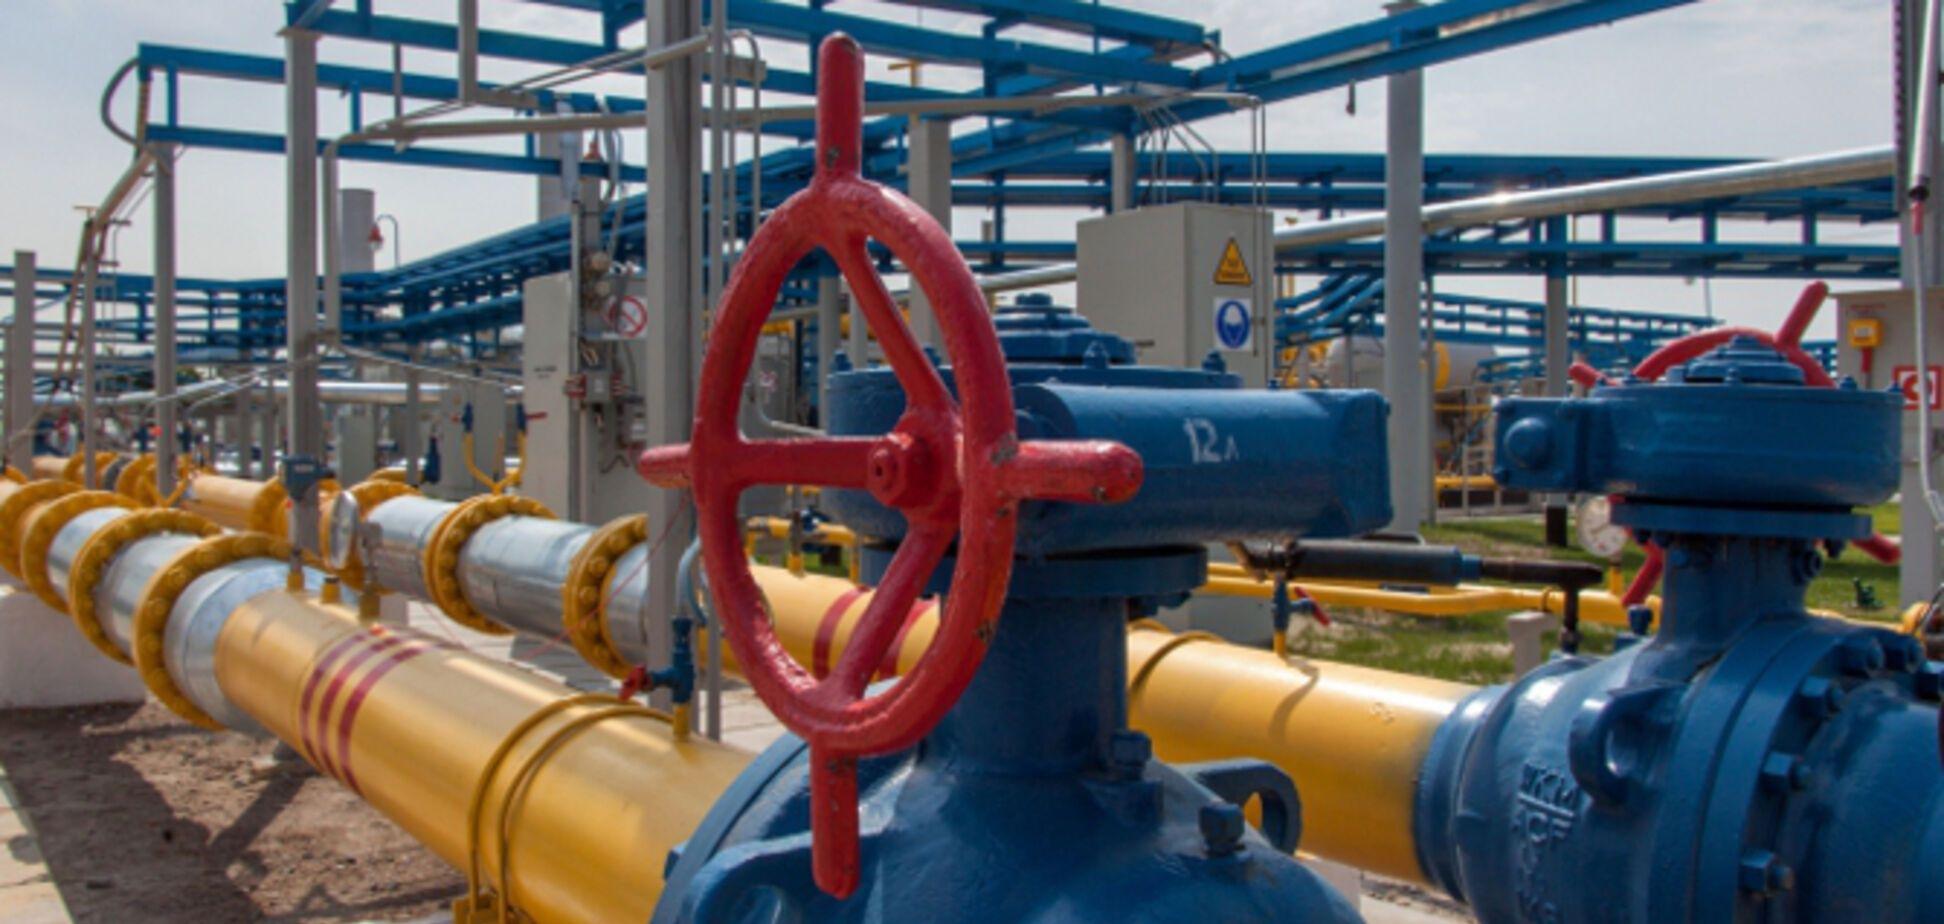 Відмова 'Газпрому' постачати газ: прийнято рішення закривати школи і вузи